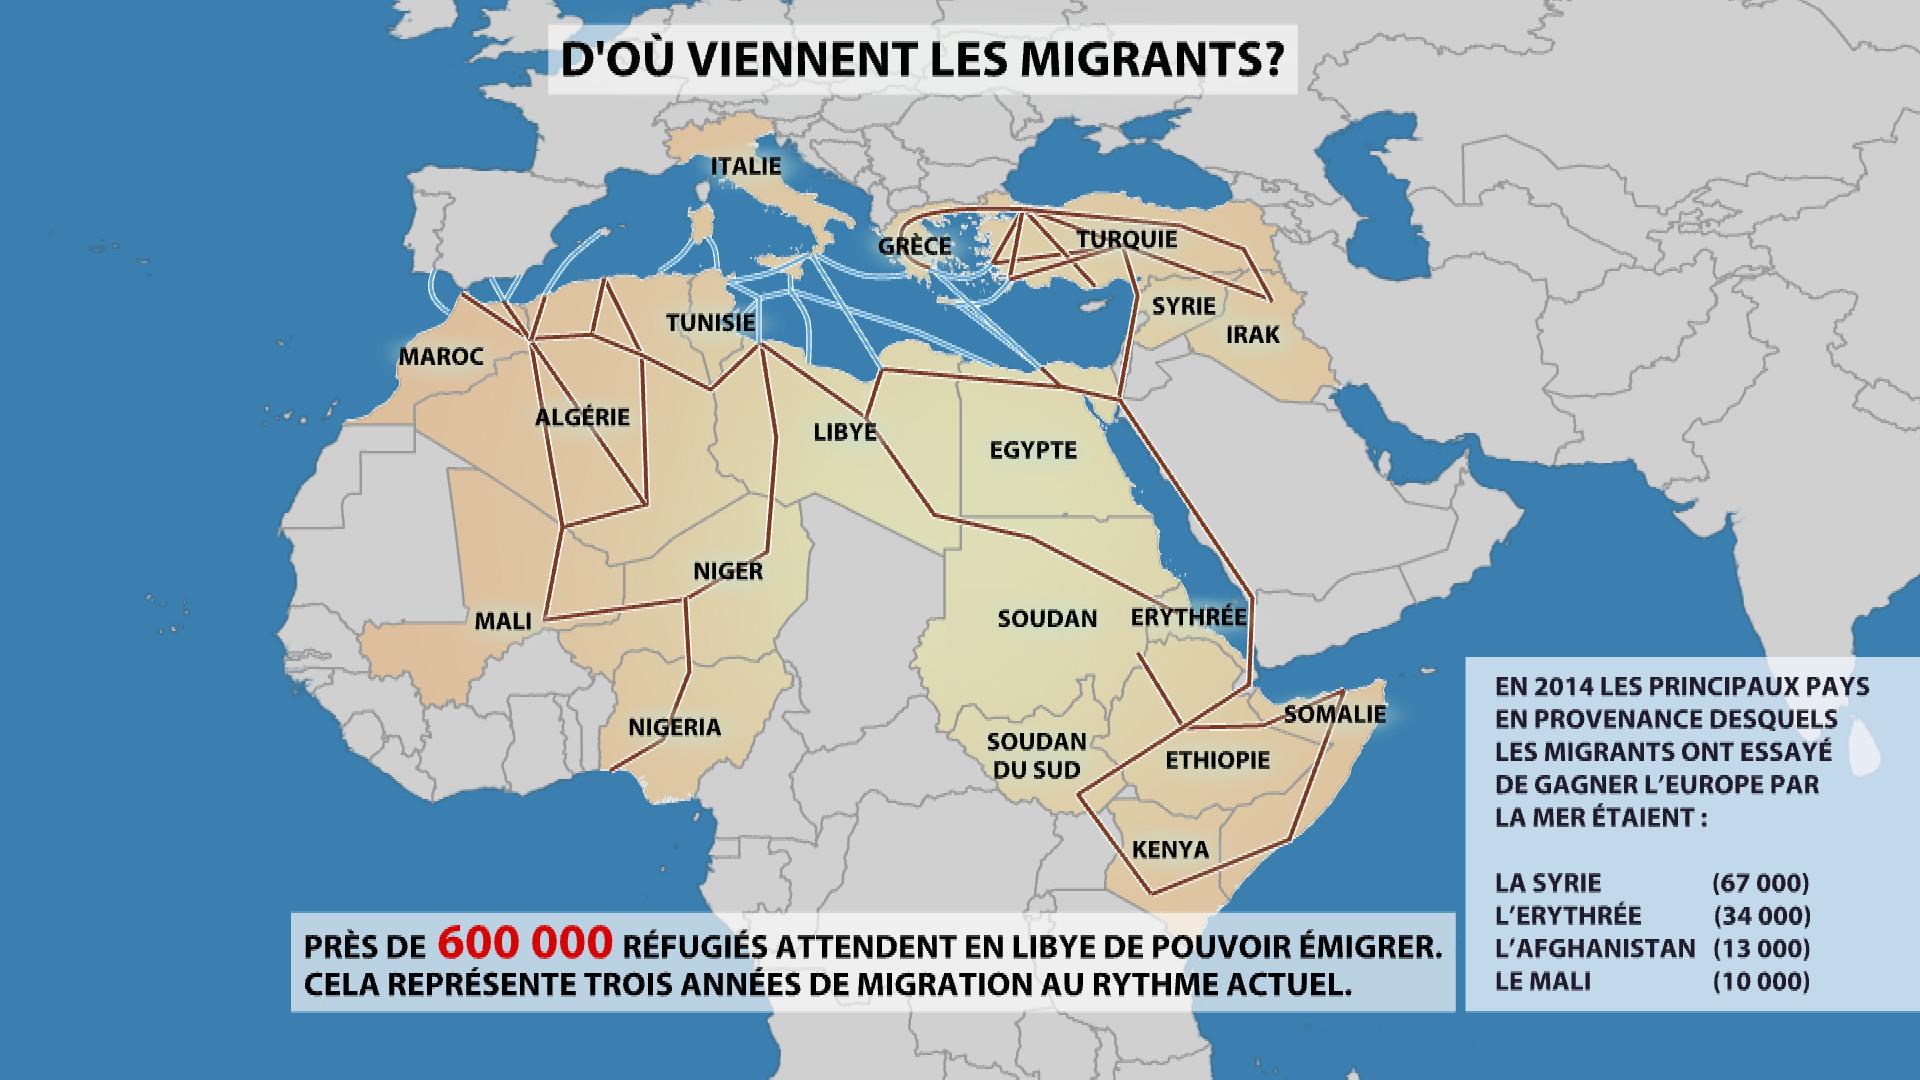 Crise des migrants : la pomme de discorde de l'Union européenne